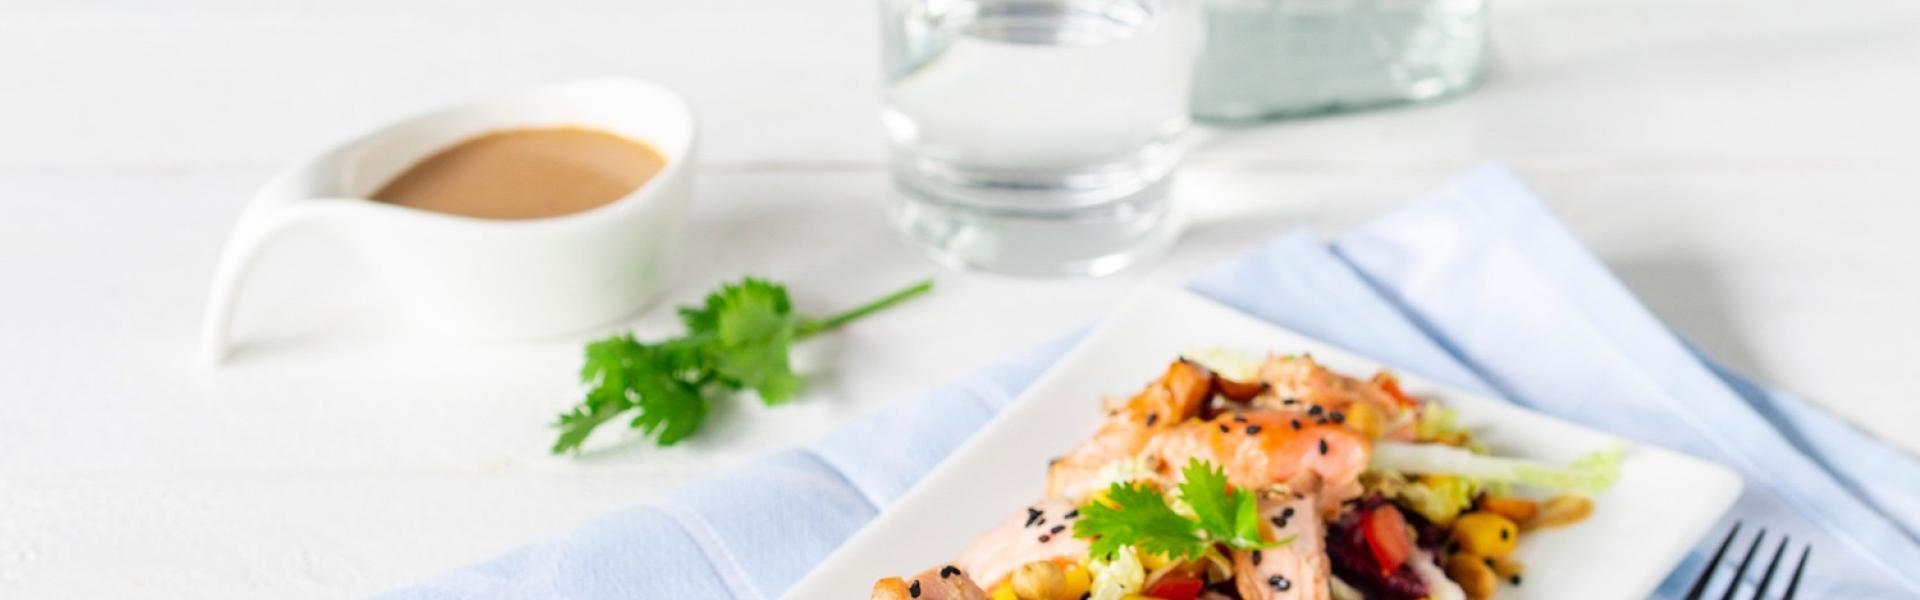 Weiße Platte mit Pulled Lachs Salat angerichtet.